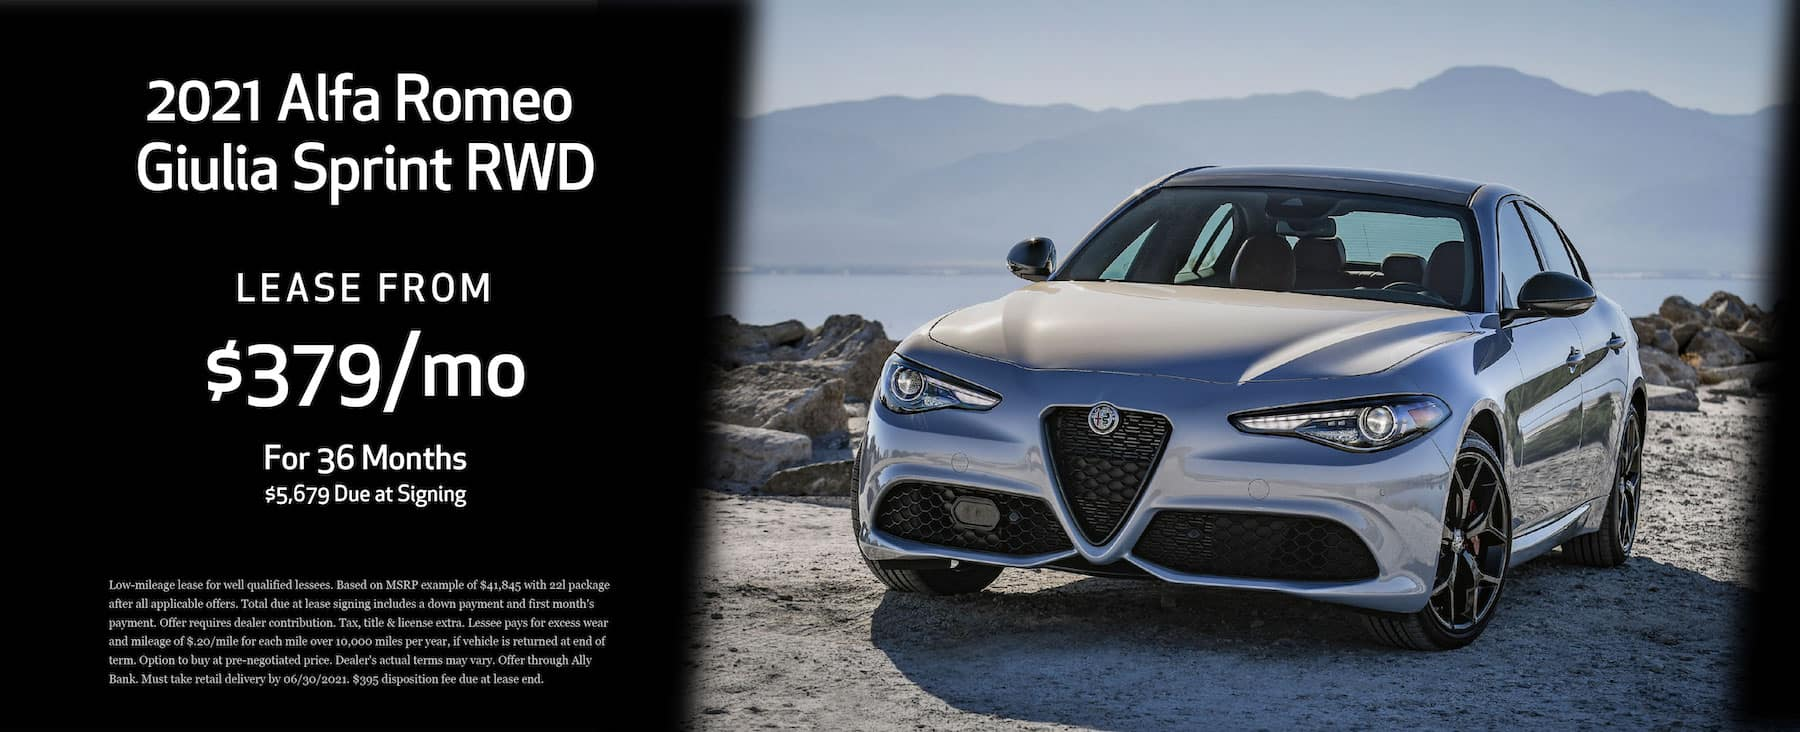 2021 Alfa Romeo Giulia Lease